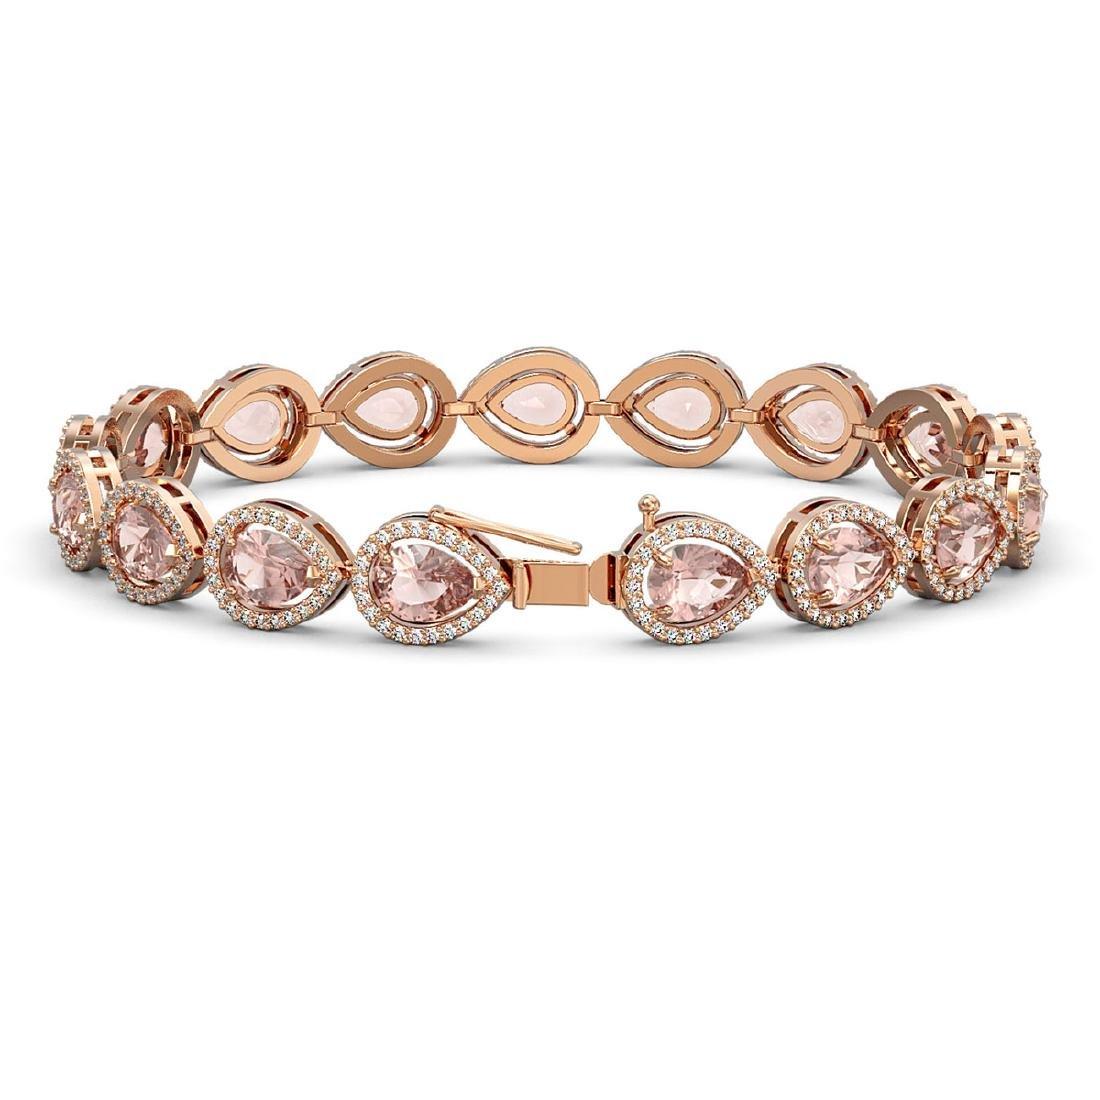 16.59 CTW Morganite & Diamond Halo Bracelet 10K Rose - 2